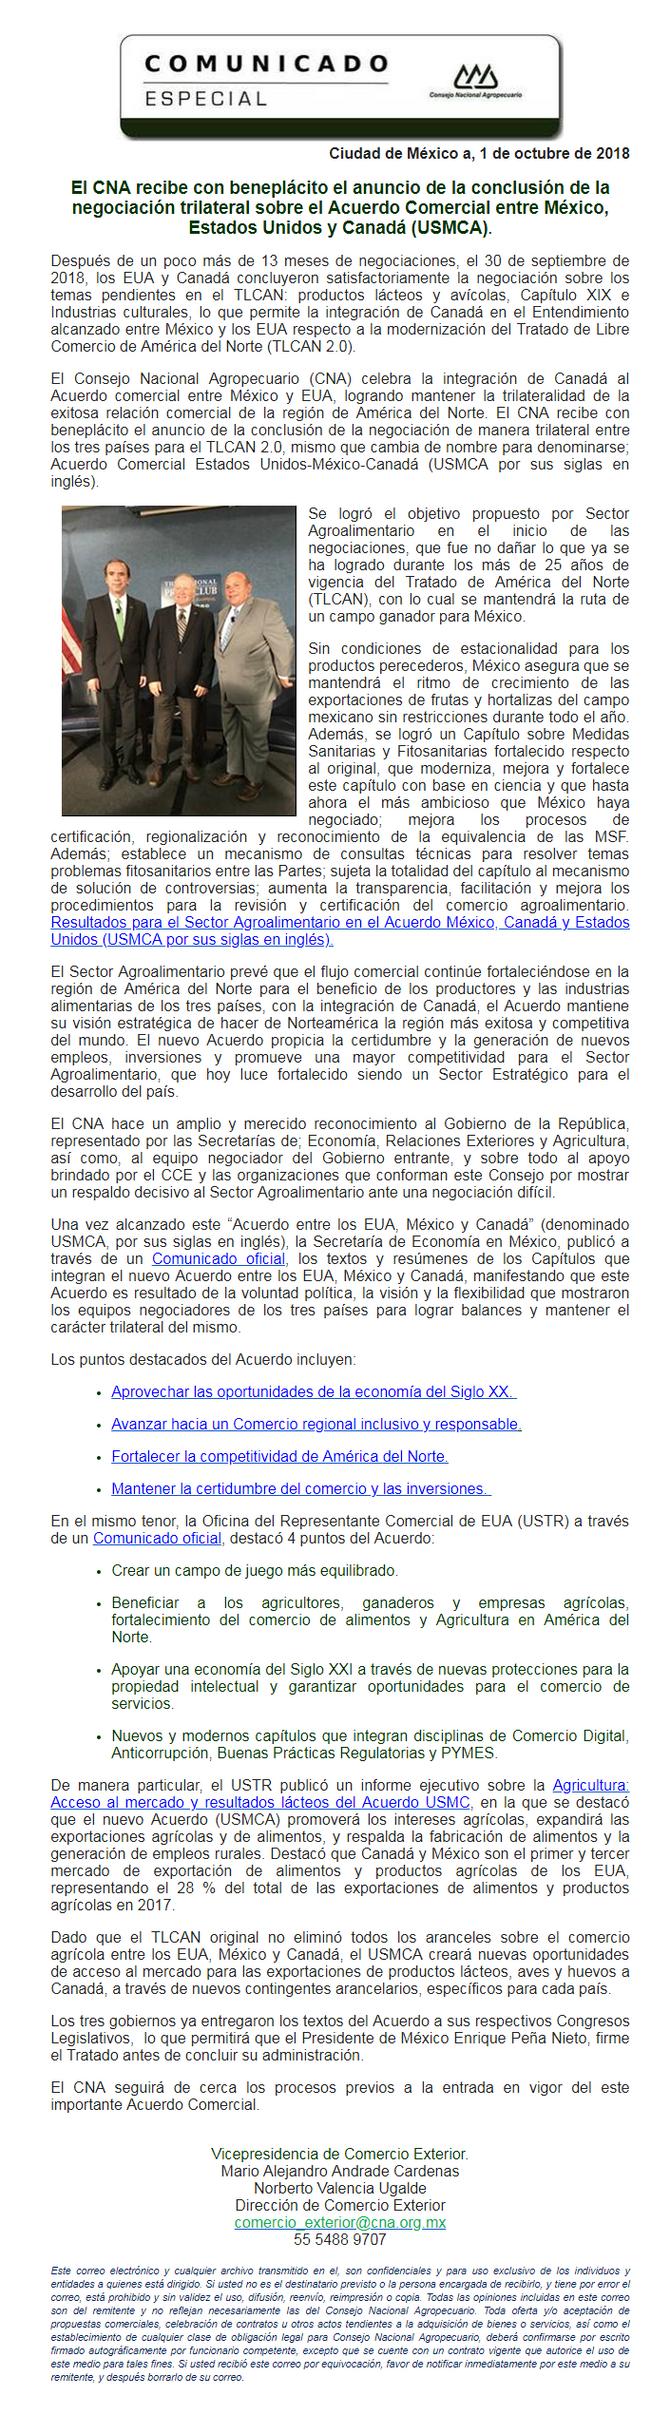 El CNA recibe con beneplácito el anuncio de la conclusión de la negociación trilateral sobre el USMC